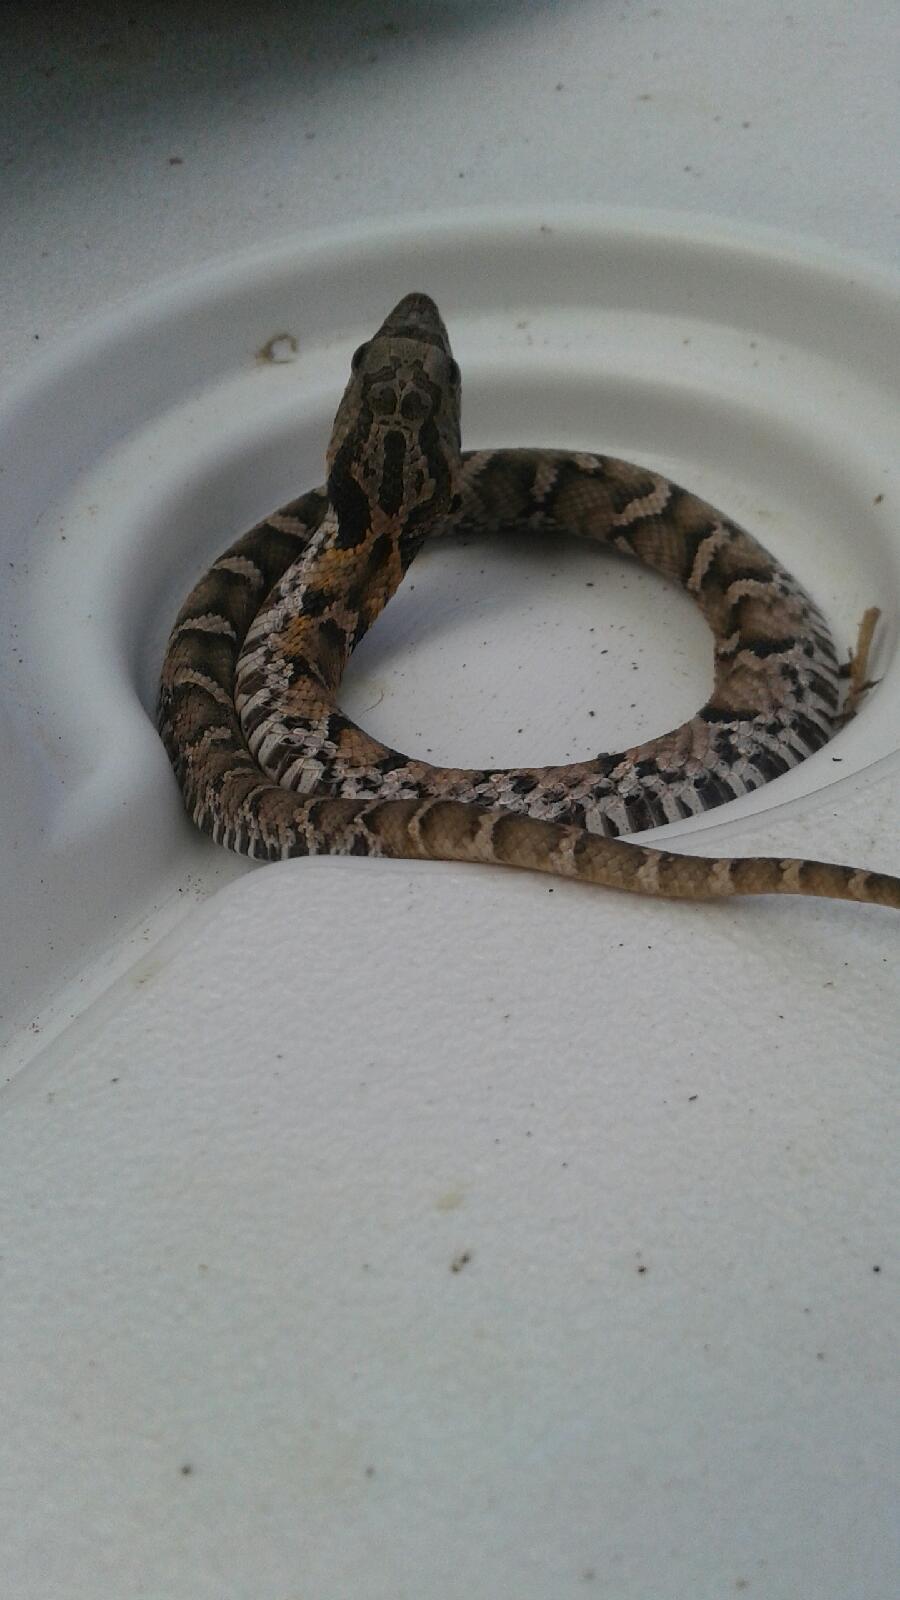 My Hound Cornered This Eight Inch Snake ...